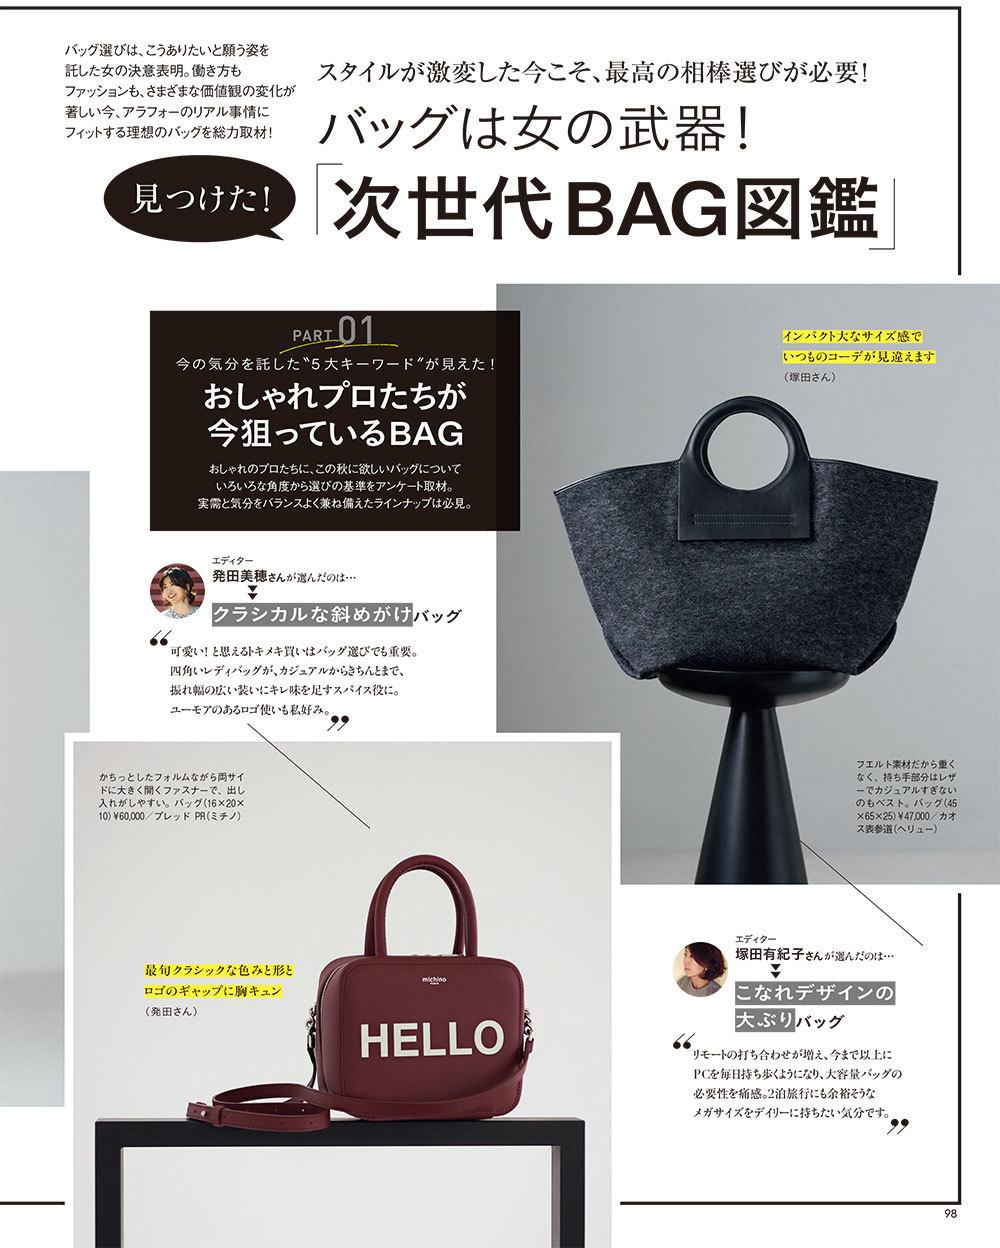 バッグは女の武器!「次世代BAG図鑑」